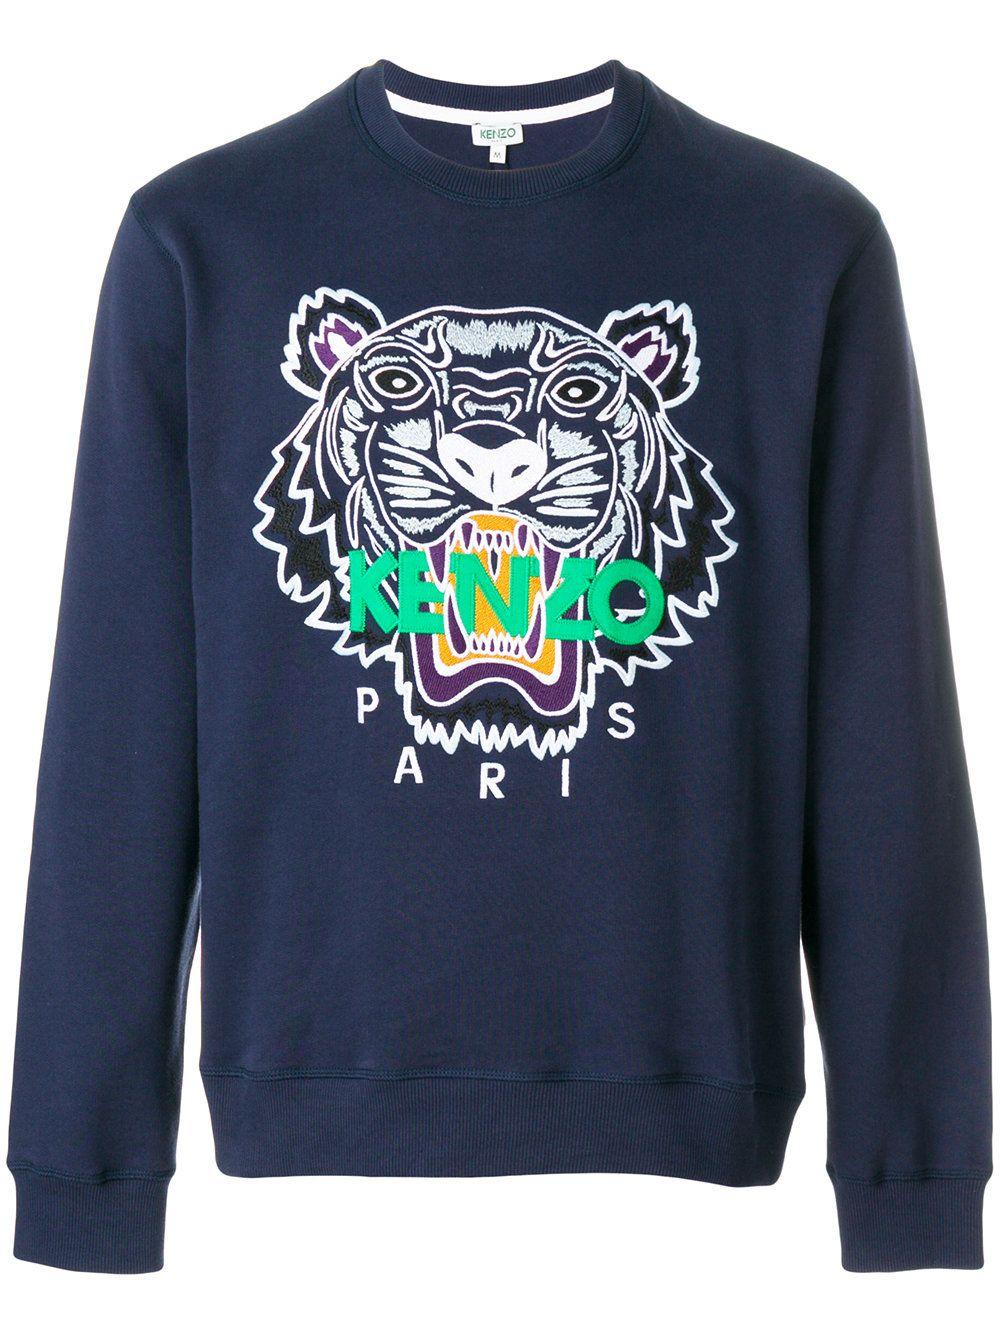 12defcdebd9f  kenzo  tiger  sweater  logo  blue  sweatshirt  men  style  fashion  www.jofre.eu